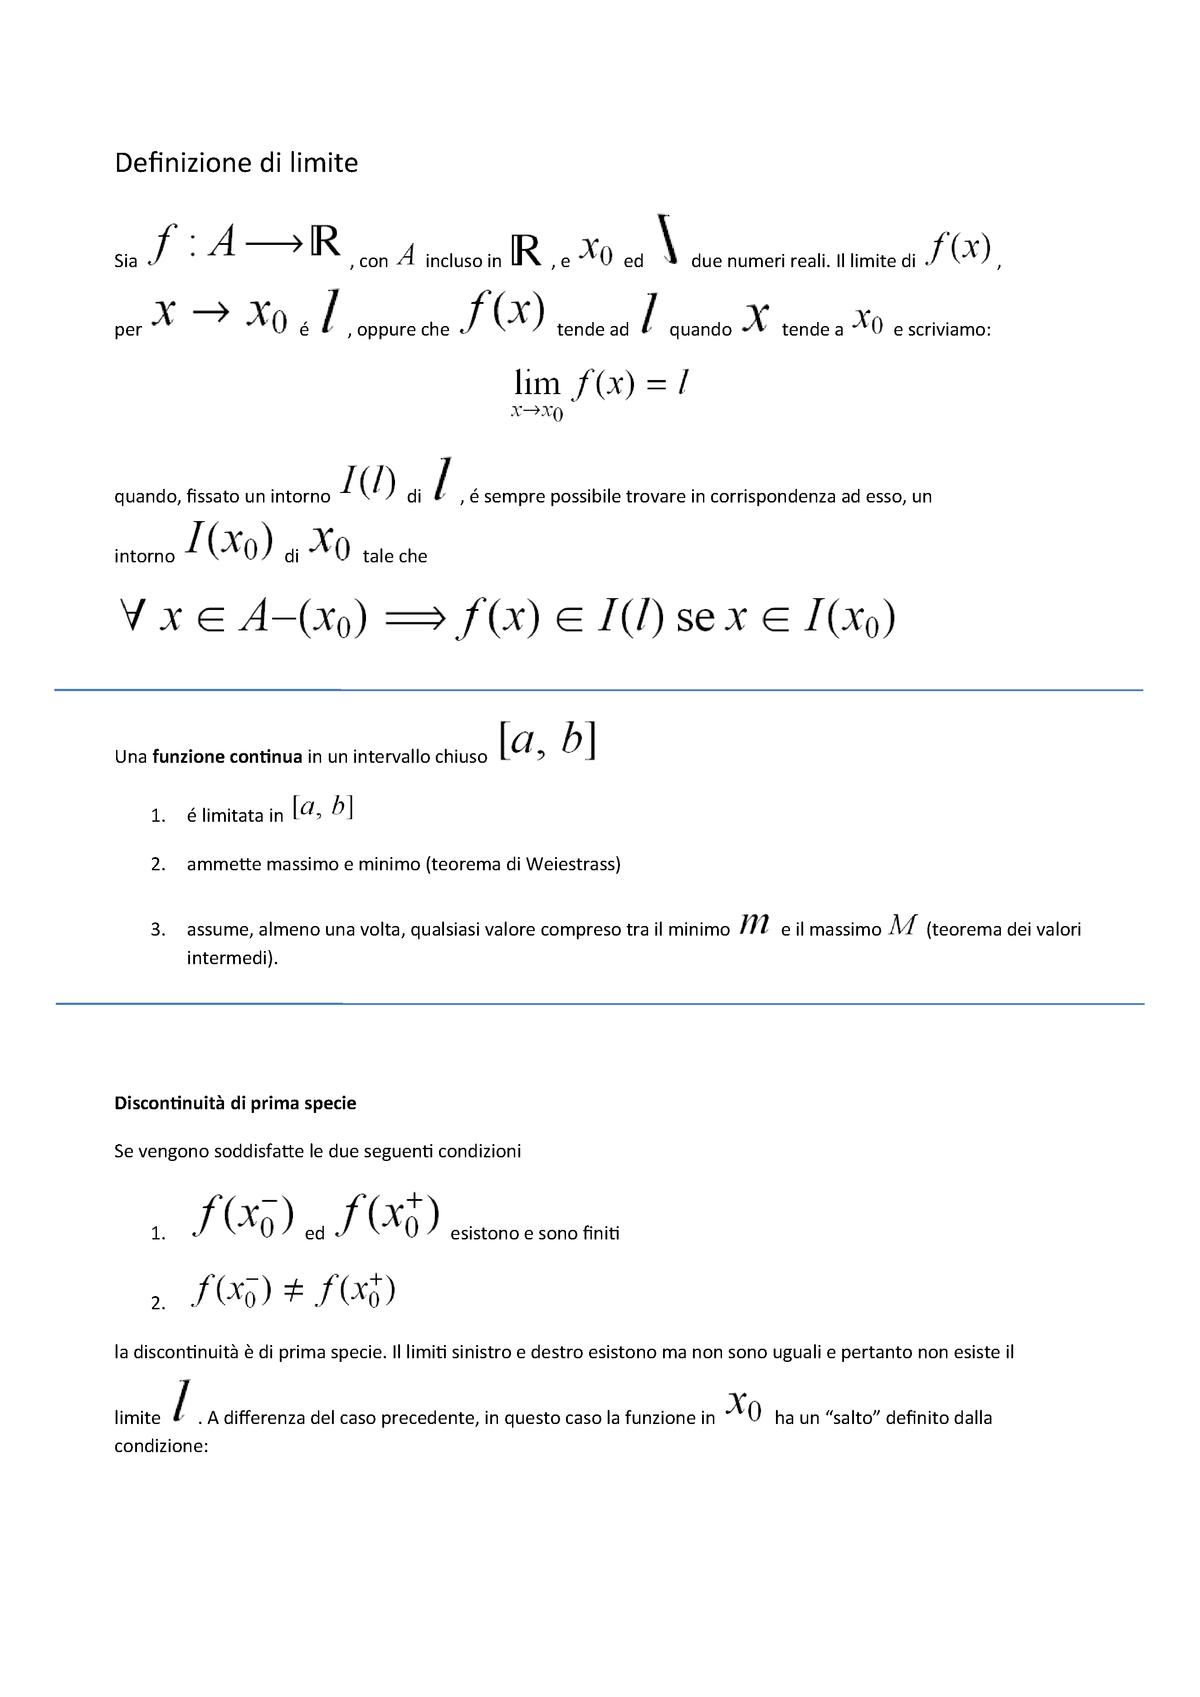 Teorema Dei Valori Intermedi.Definizione Di Limite Analisi Matematica Mfn0702 Unito